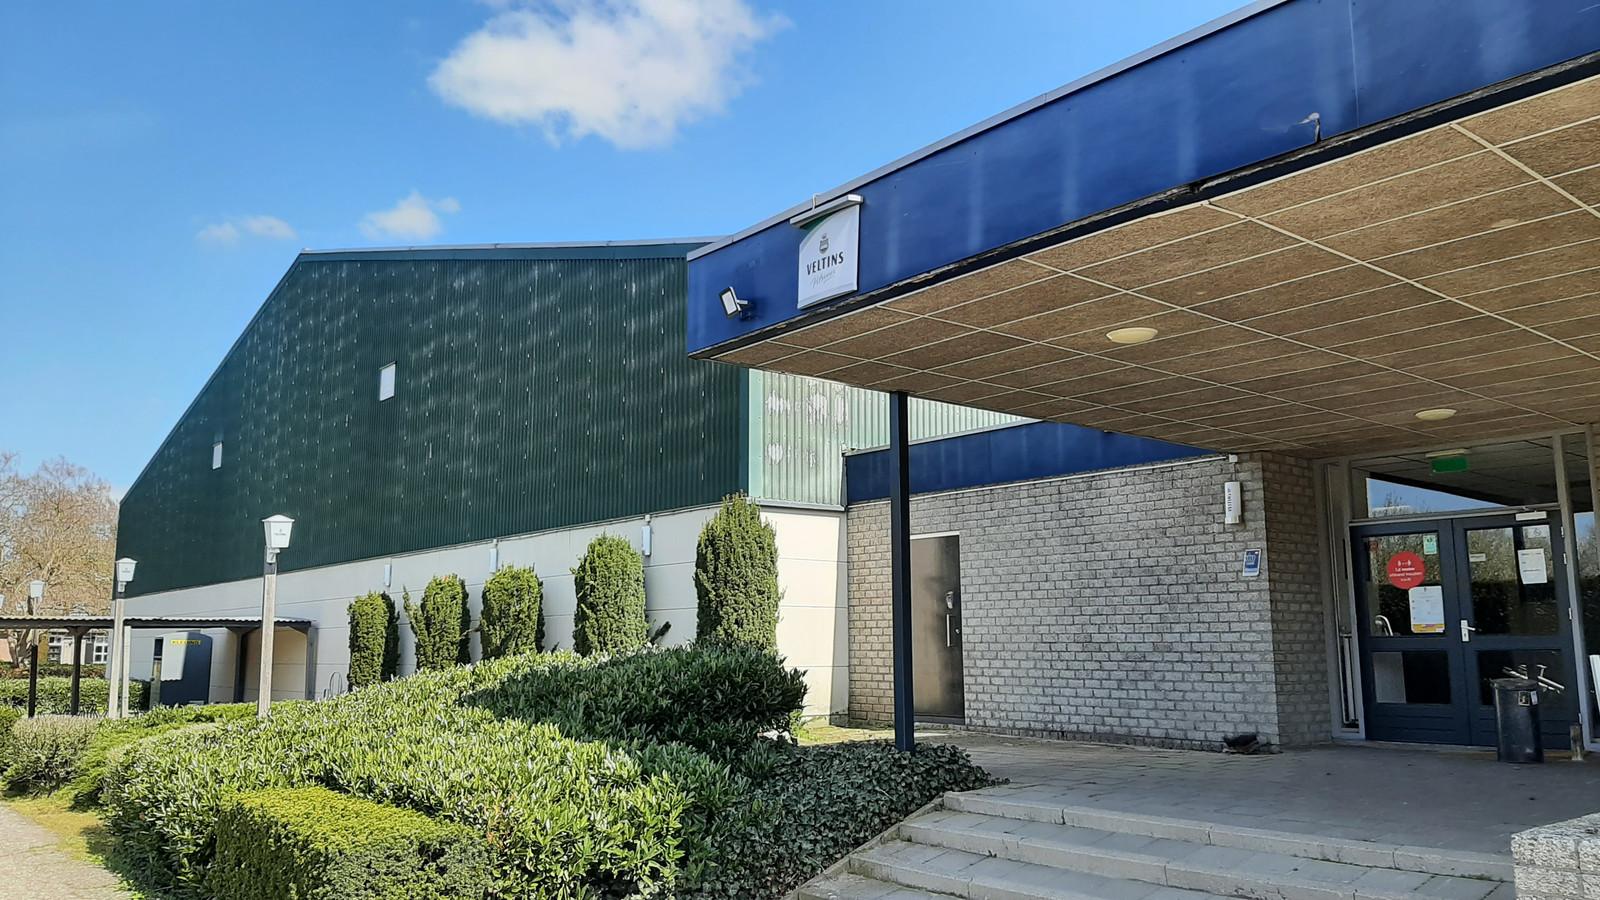 De vaccinatiecapaciteit in sportcomplex De Braken in Boxtel is volgens de GGD Hart voor Brabant 1100 prikken per dag.